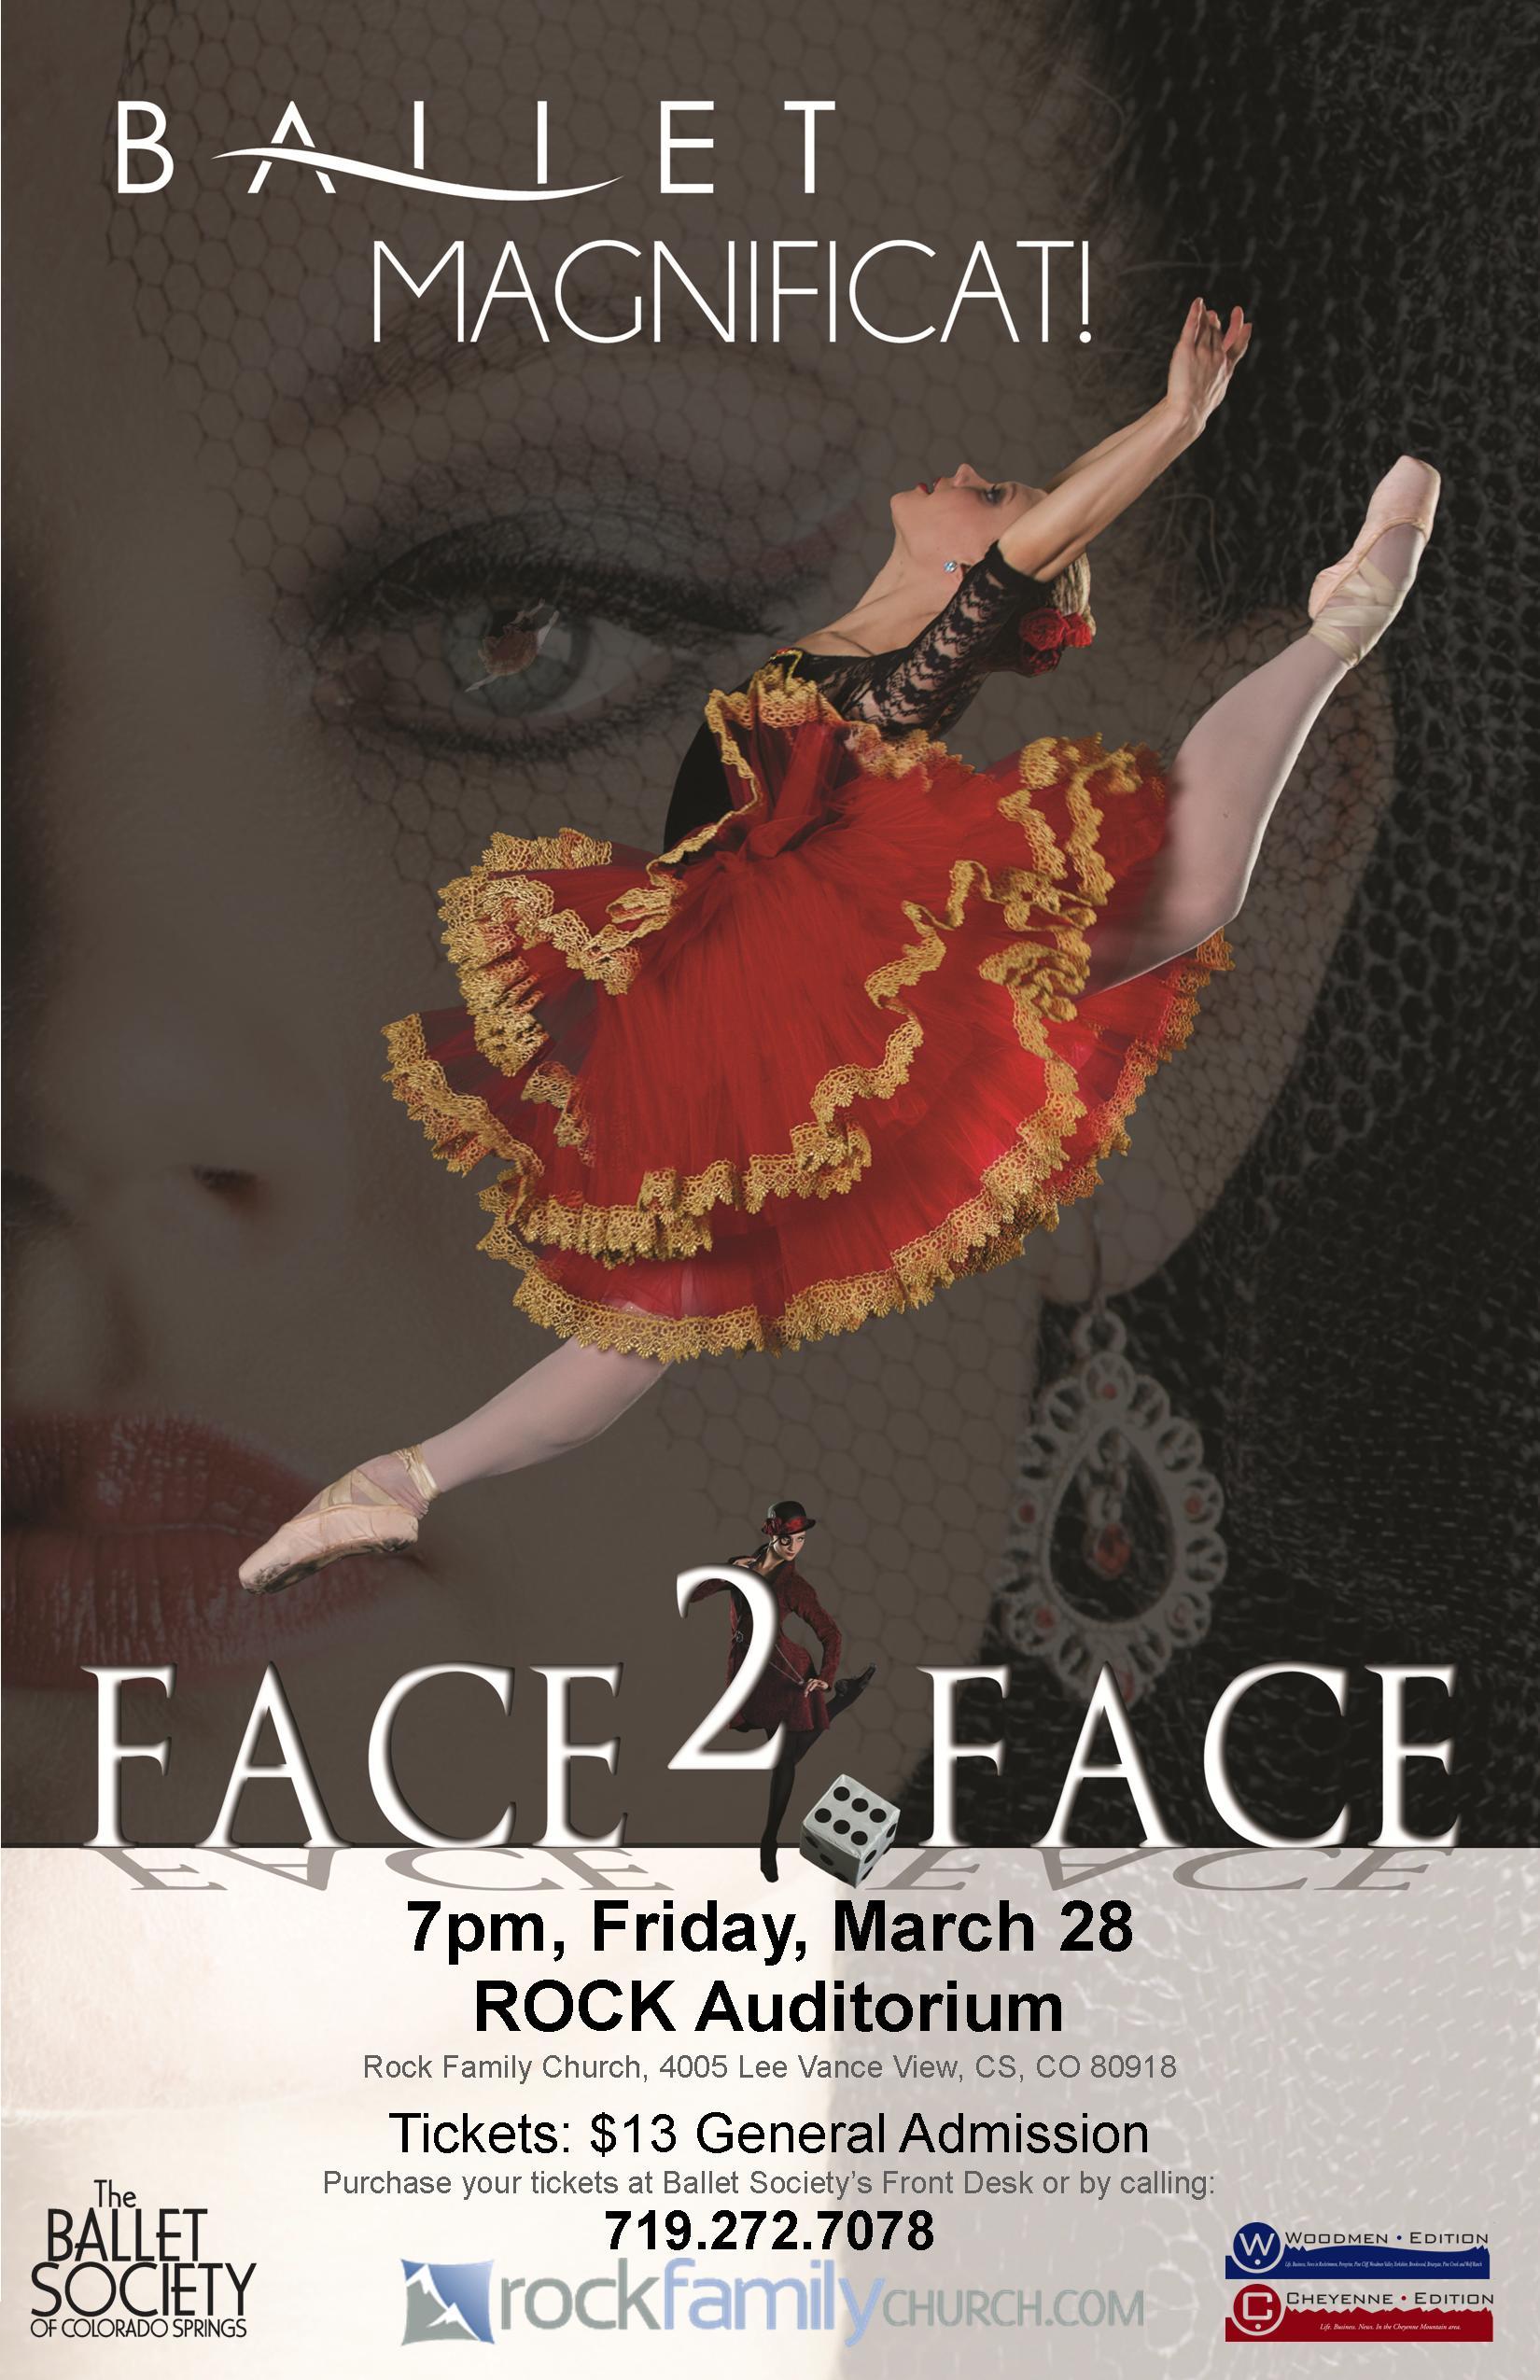 2014-4-28 Ballet Mag Face2Face poster